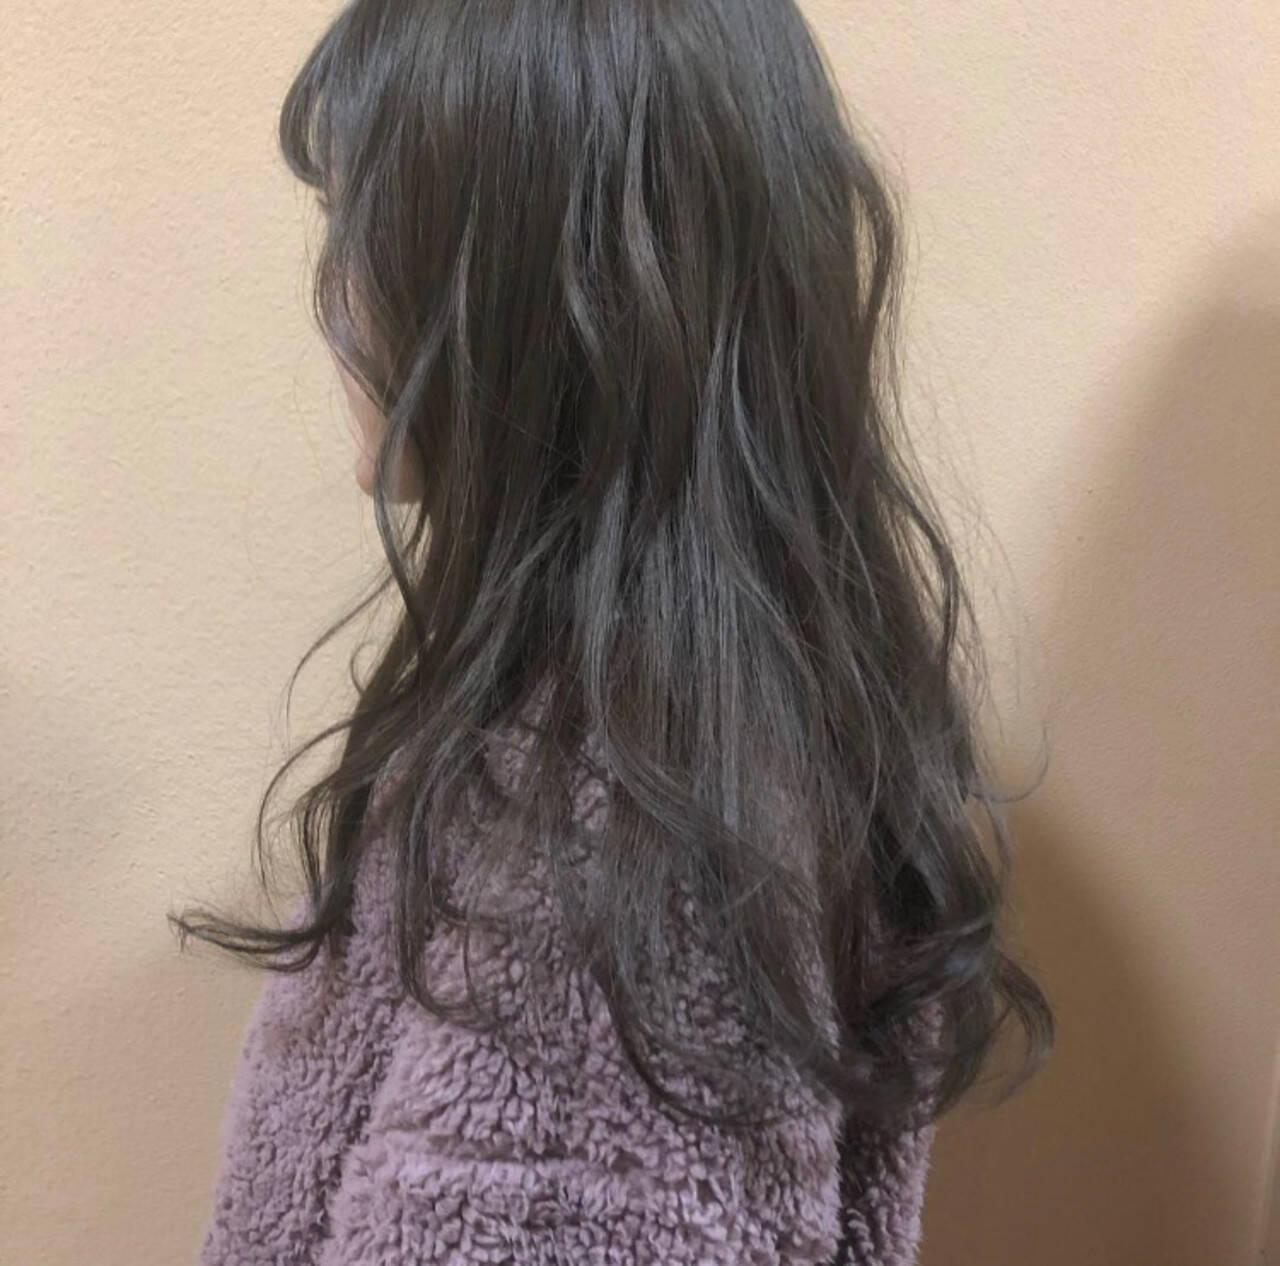 グレージュ スモーキーアッシュ アッシュ フェミニンヘアスタイルや髪型の写真・画像